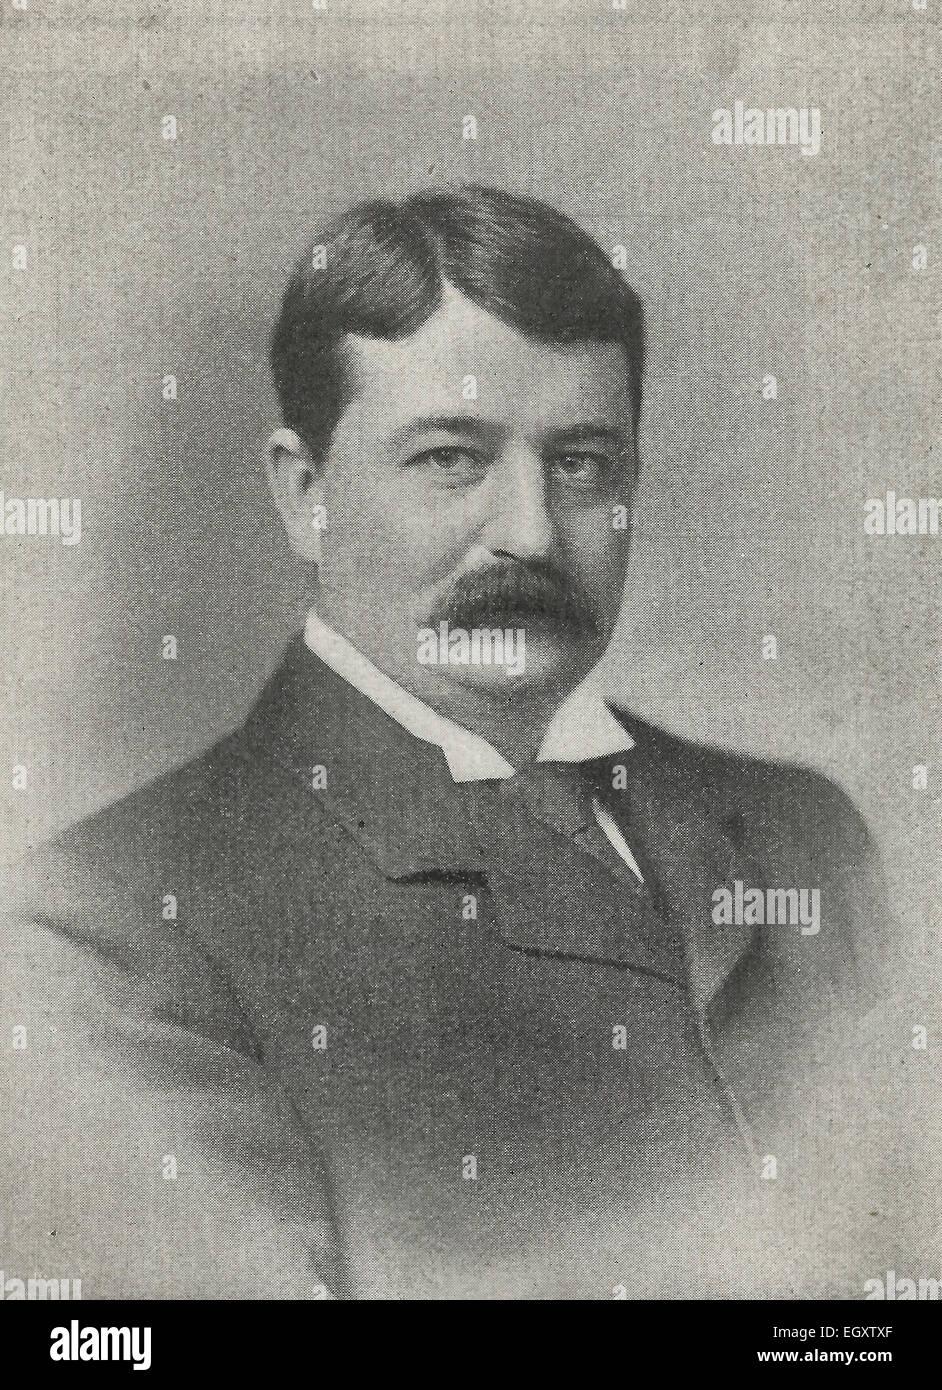 Onorevole W. P. Schreiner, C.M.G., Primo Ministro della colonia del Capo, in Sud Africa, circa 1895 Immagini Stock